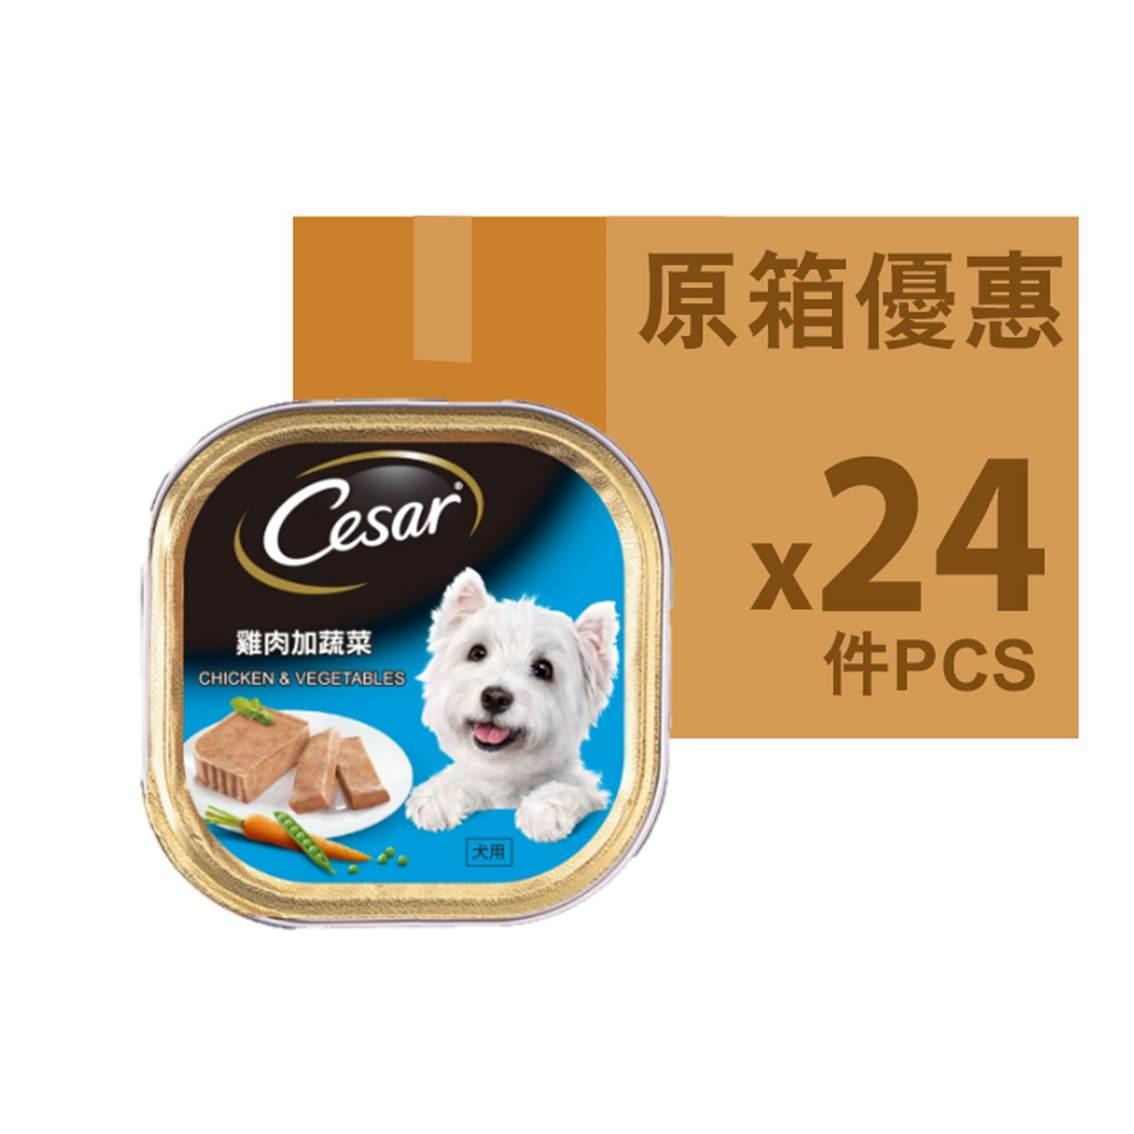 西莎[原箱]狗糧雞肉加蔬菜 100gx24